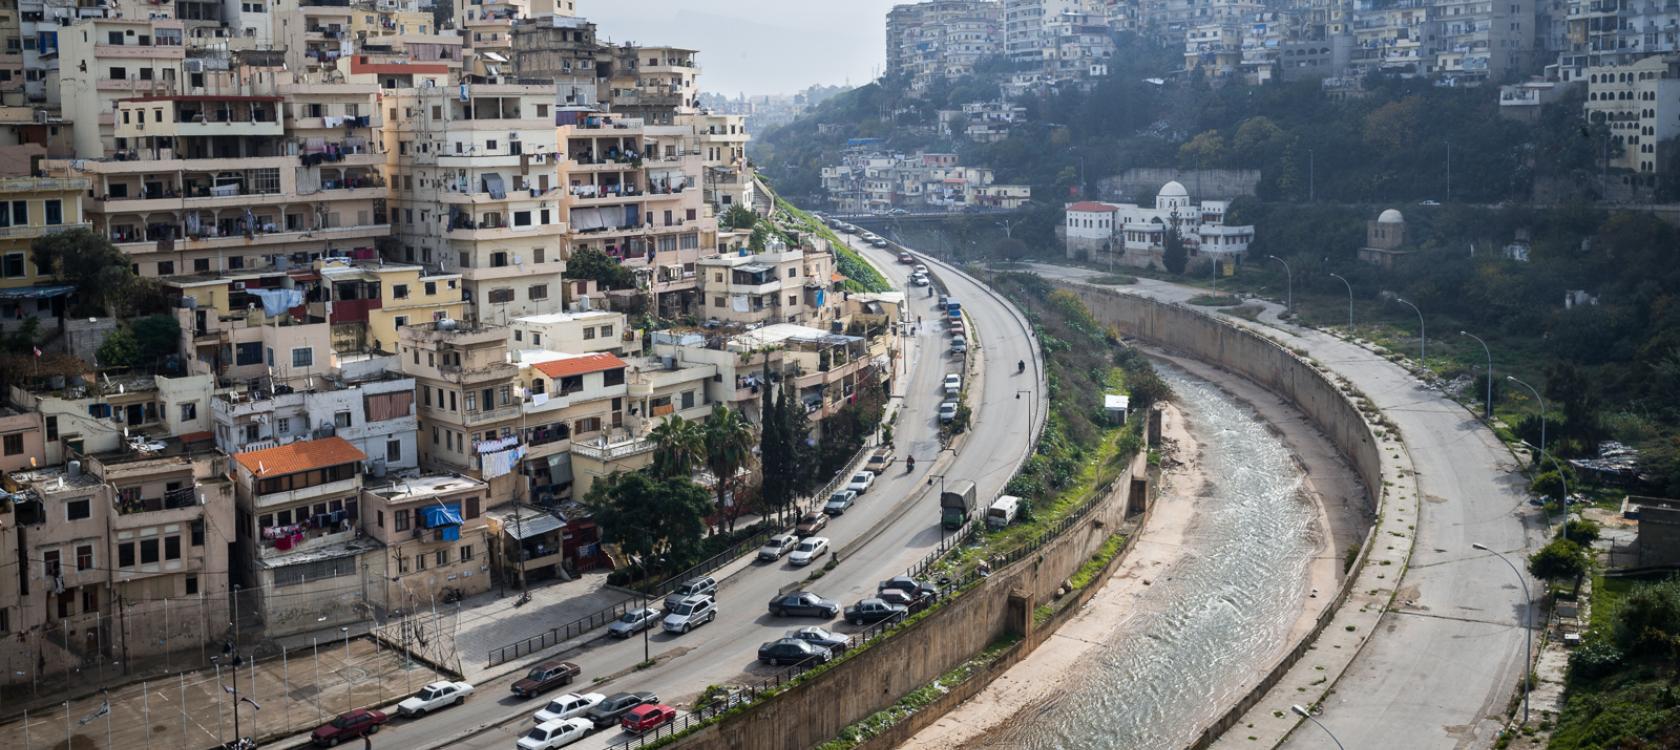 Souk, old-town, médina, Tripoli, Lebanon, Petit